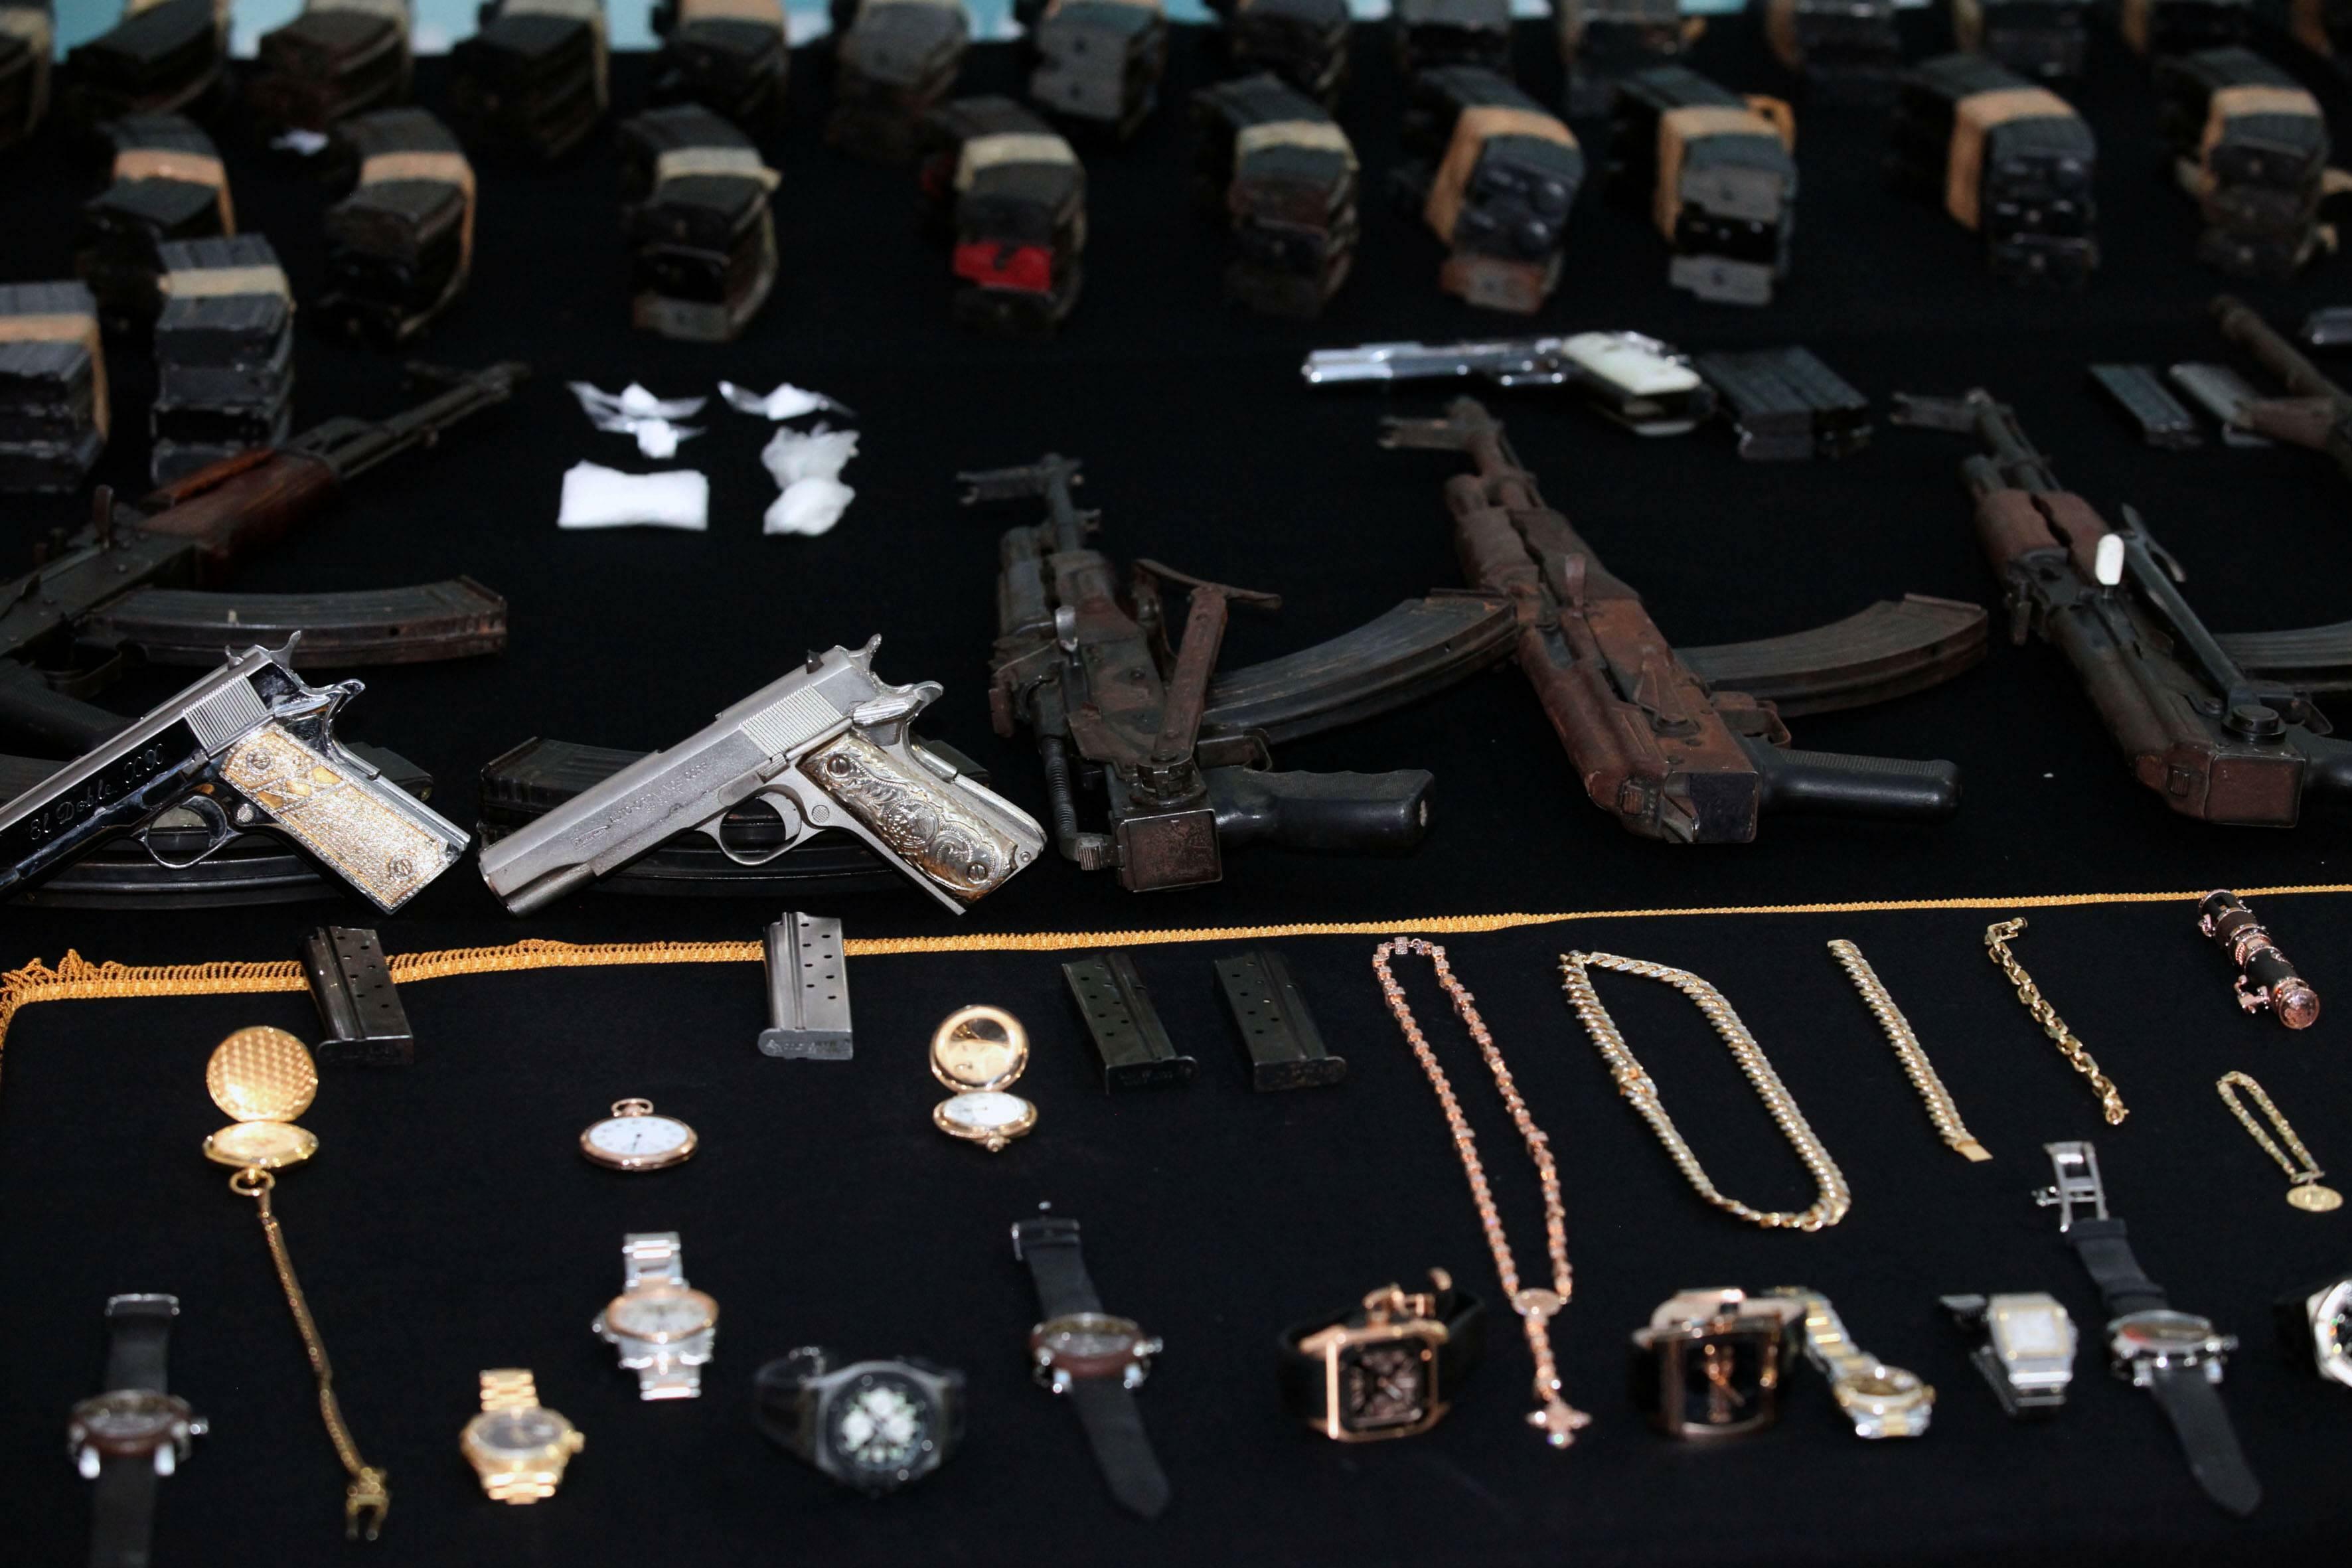 Mexiko: Im Land der illegalen Waffen